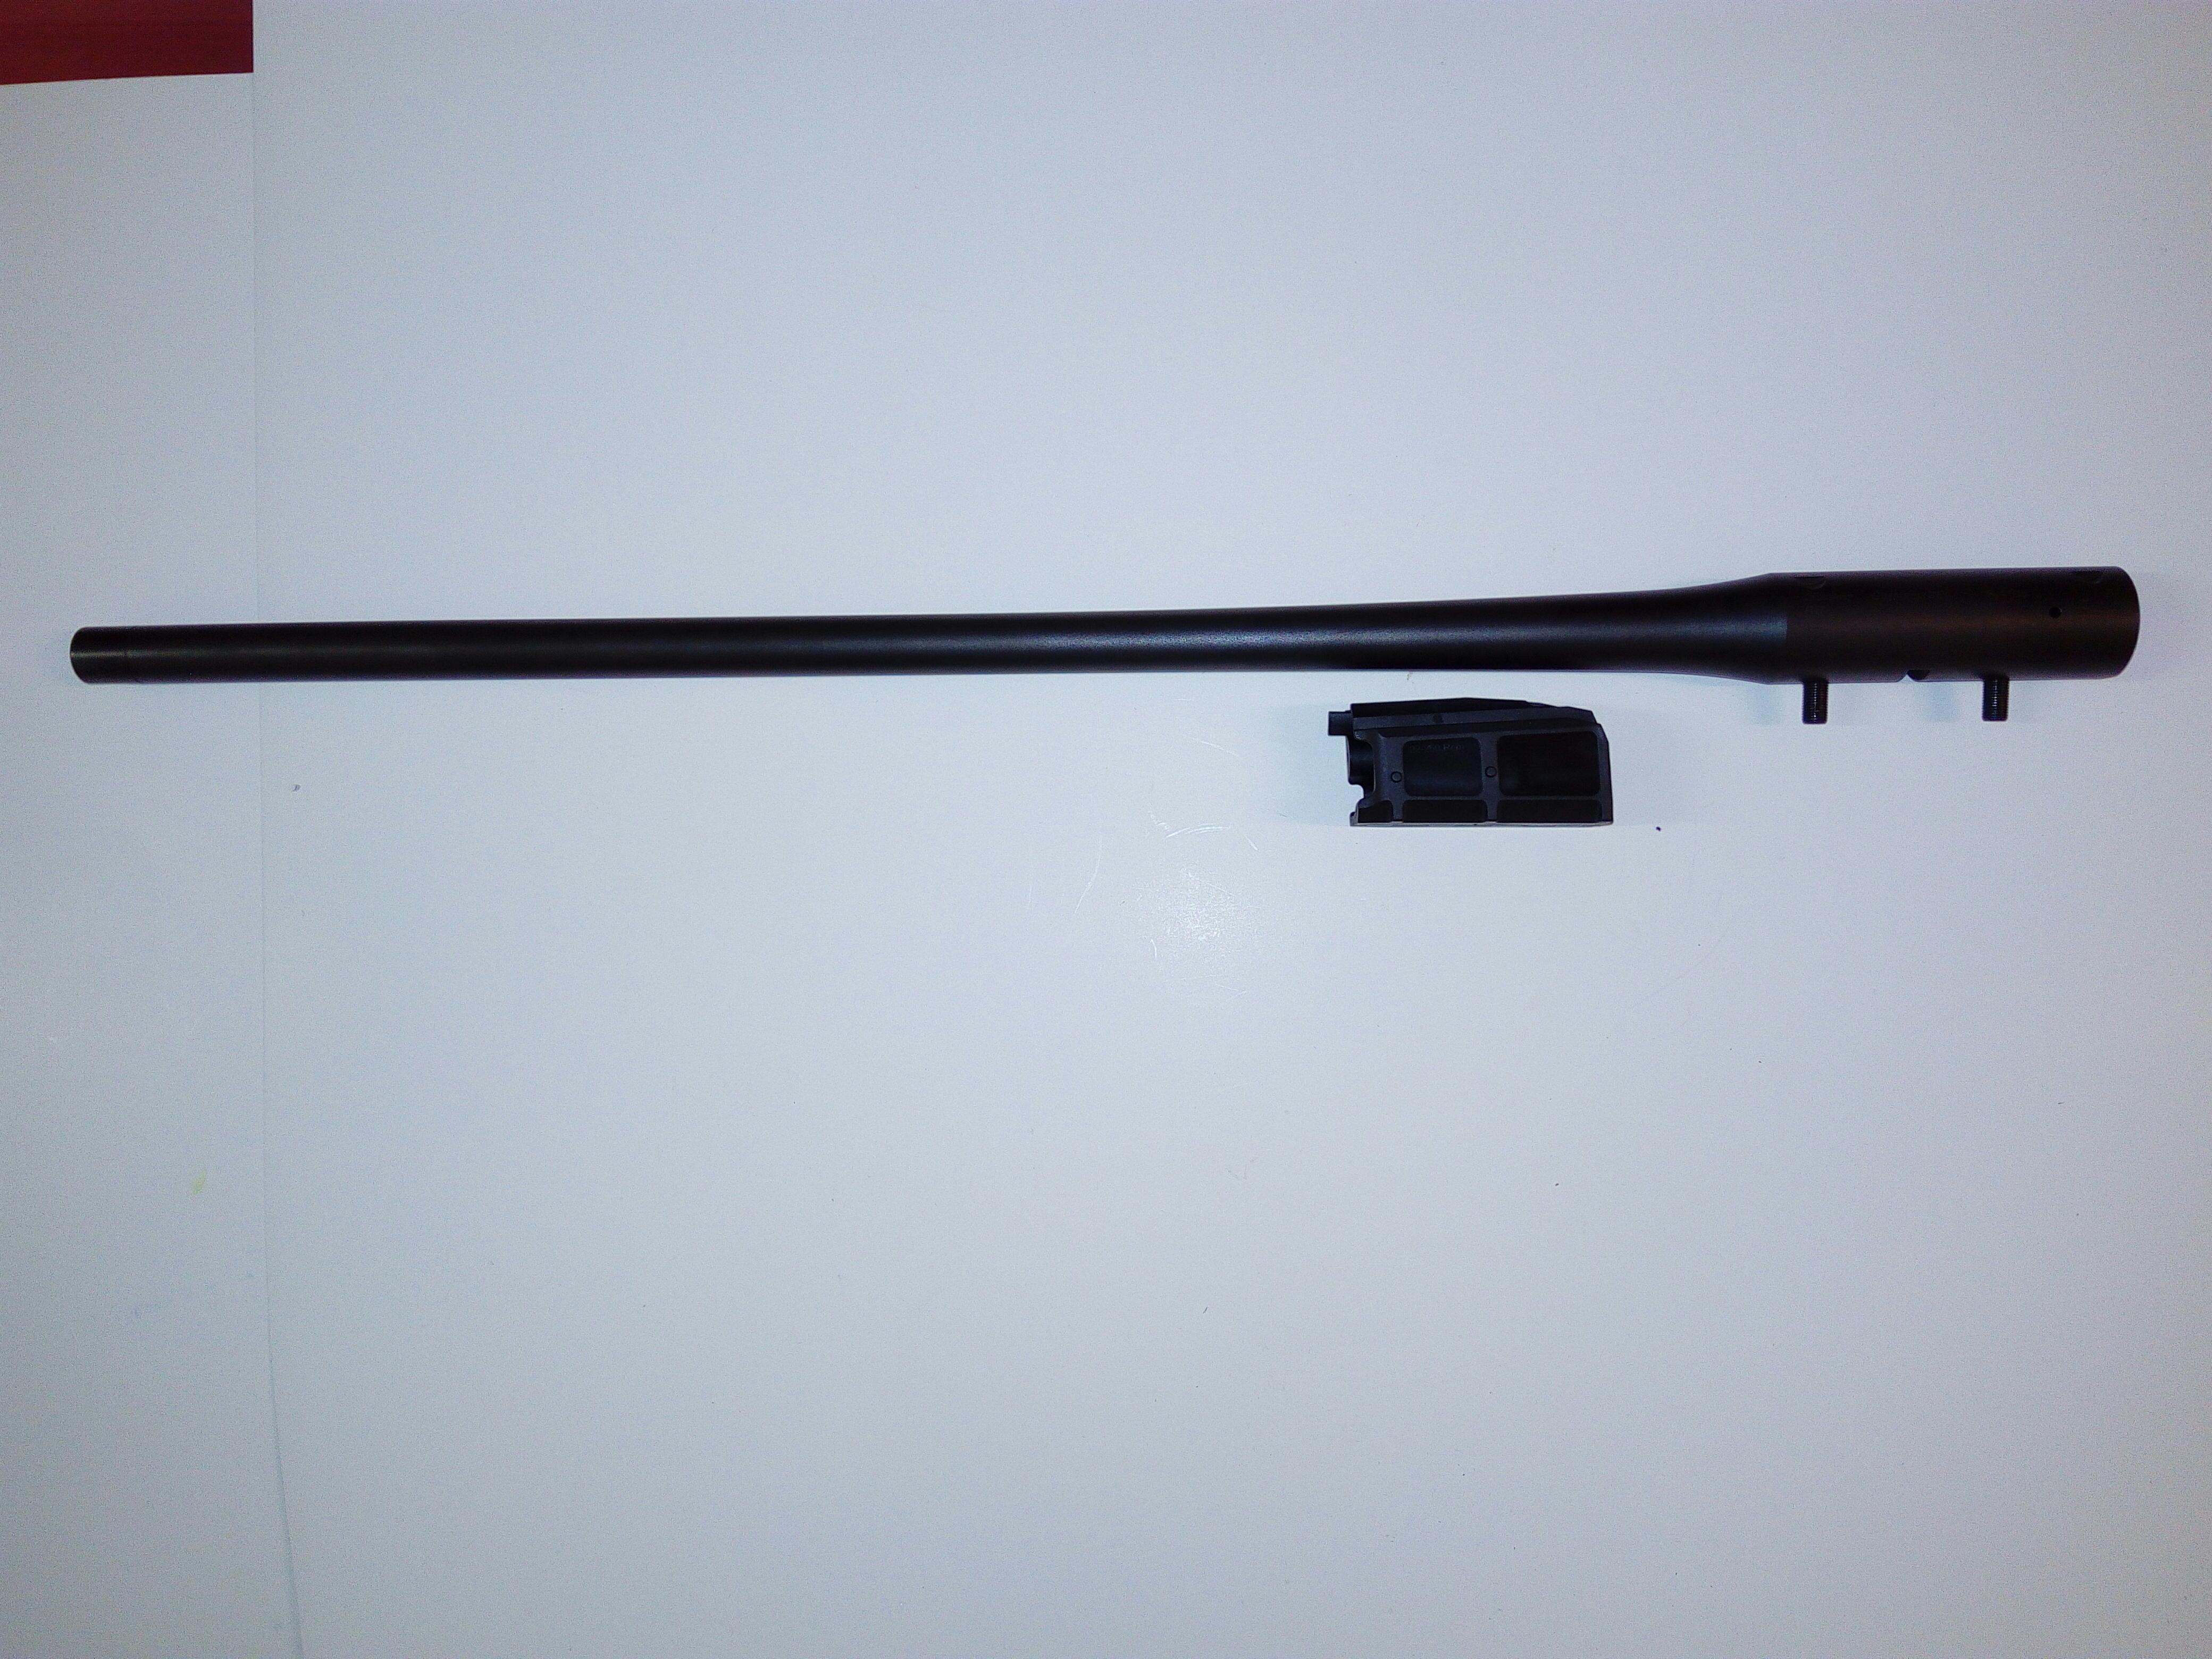 Blaser R8 lisäpiippu .22-250  58cm 15x1, ei tähtäimiä.